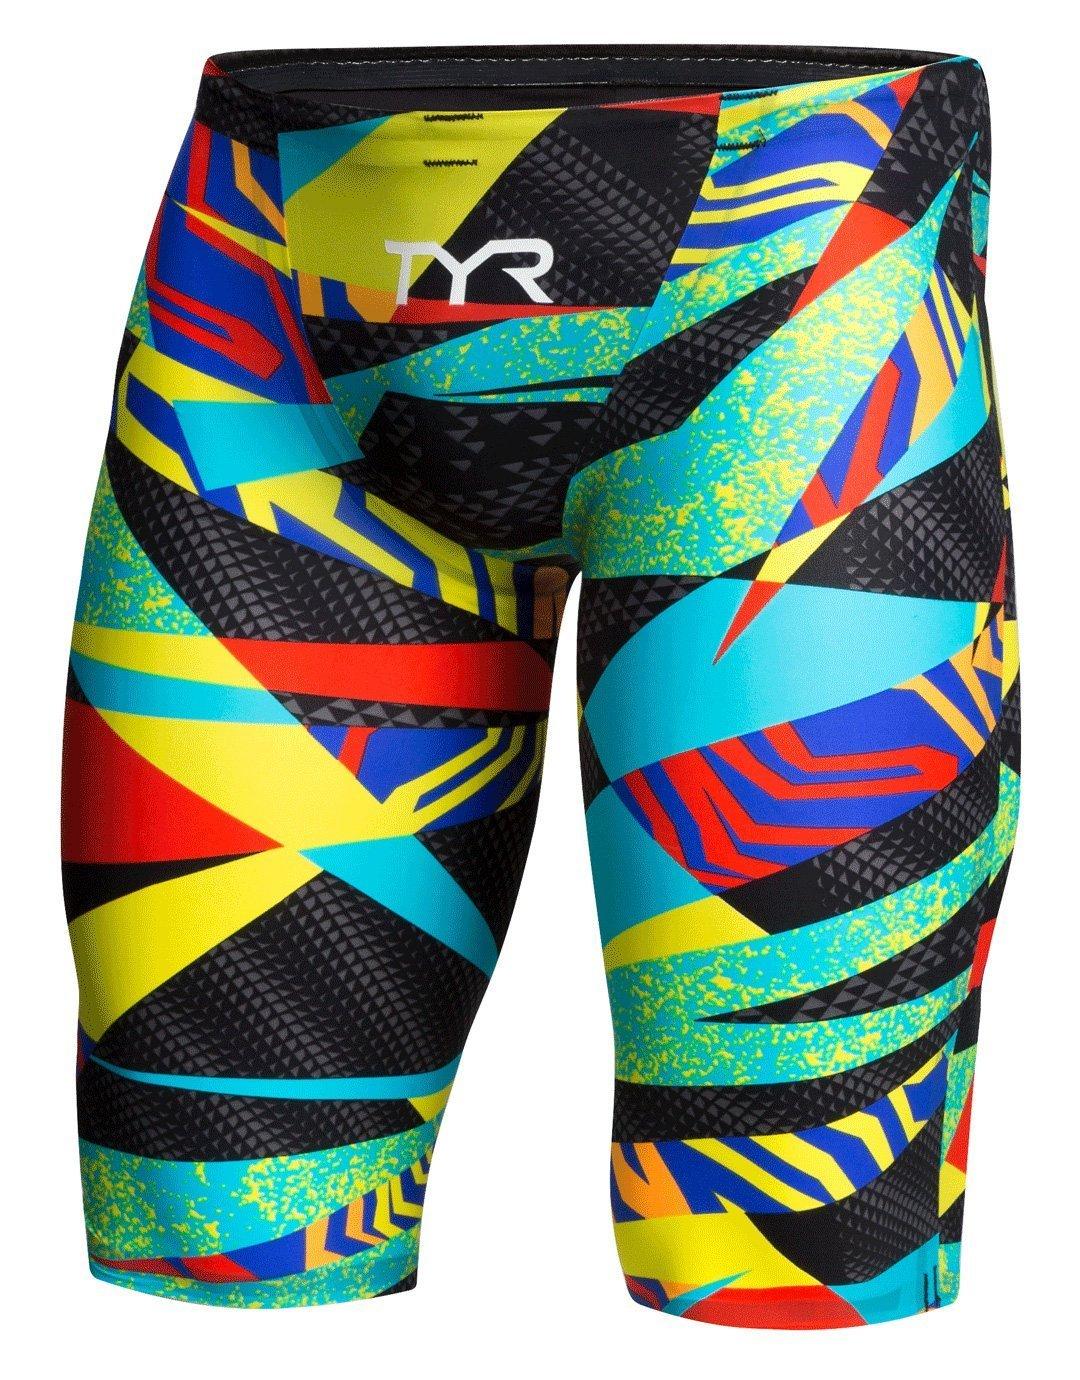 正規品! TYR SPORT TYR Women 'sネオンソリッドリングバックSwim SPORT Suit Suit B0019D8W5C ブラック/マルチ 24 24|ブラック/マルチ, アライチョウ:d91e72b3 --- svecha37.ru